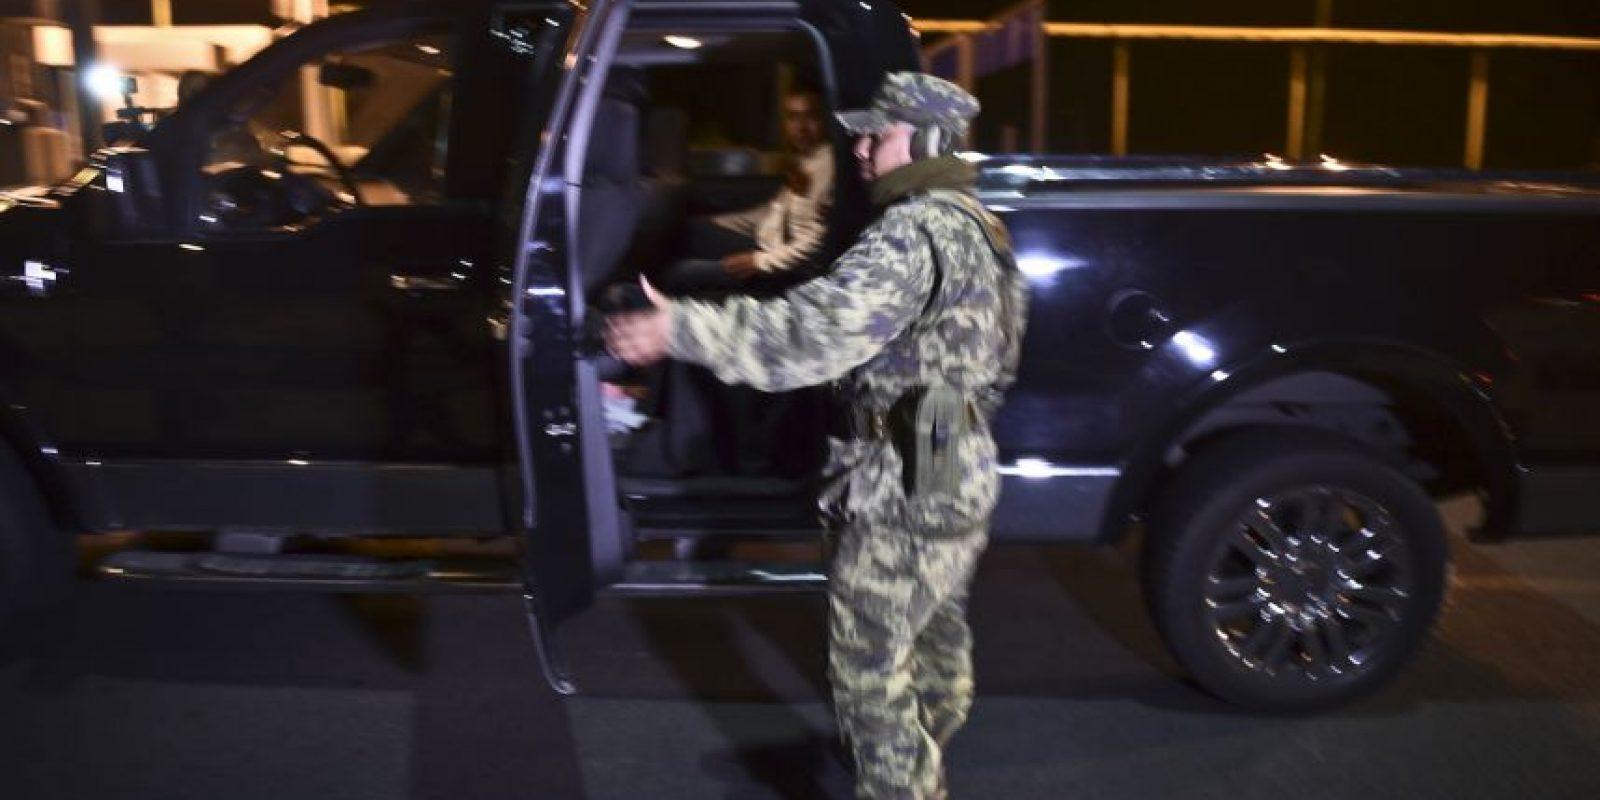 Así lo reveló la periodista de Televisa, Paola Rojas, quien fue la primera en tener acceso al túnel y realizar todo el recorrido que llevó a Guzmán Loera a la libertad. Foto:AFP